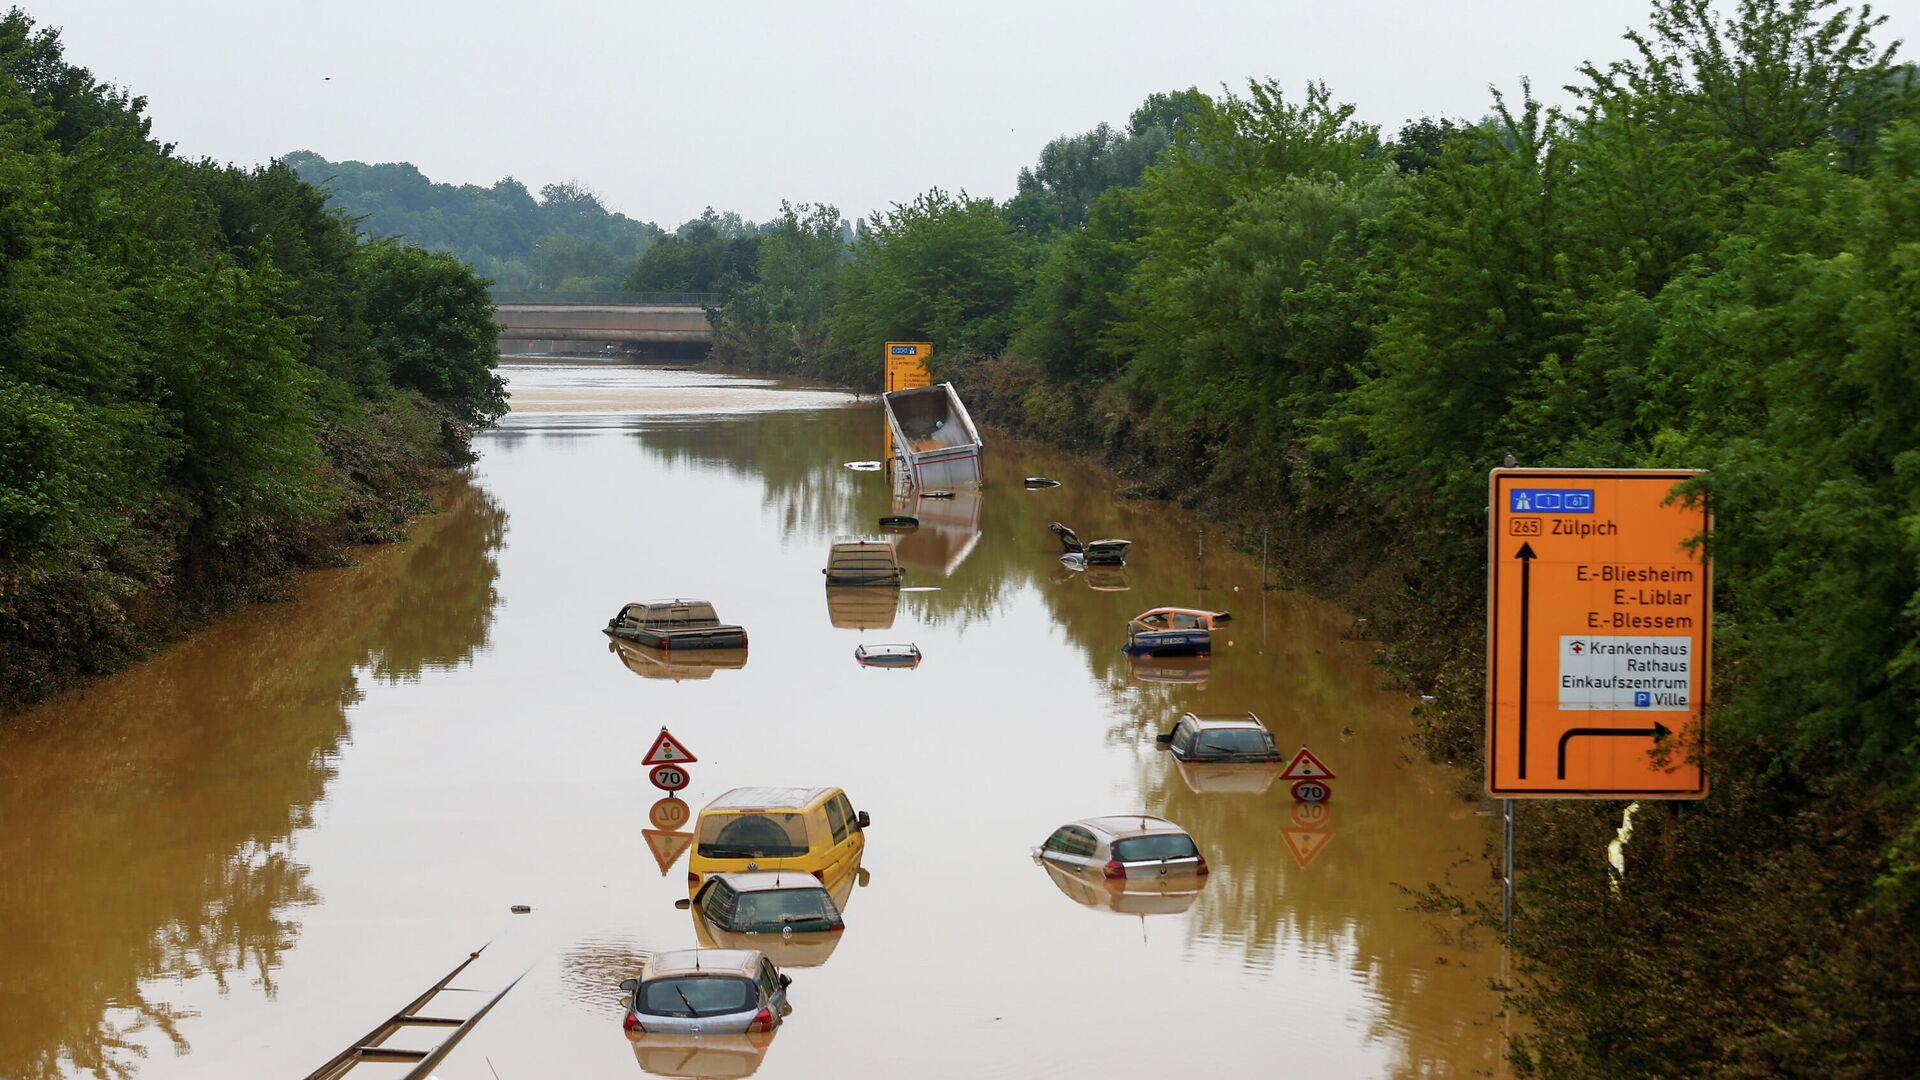 Последствия наводнения в городе Эрфтштадт-Блессем, Германия - РИА Новости, 1920, 28.07.2021